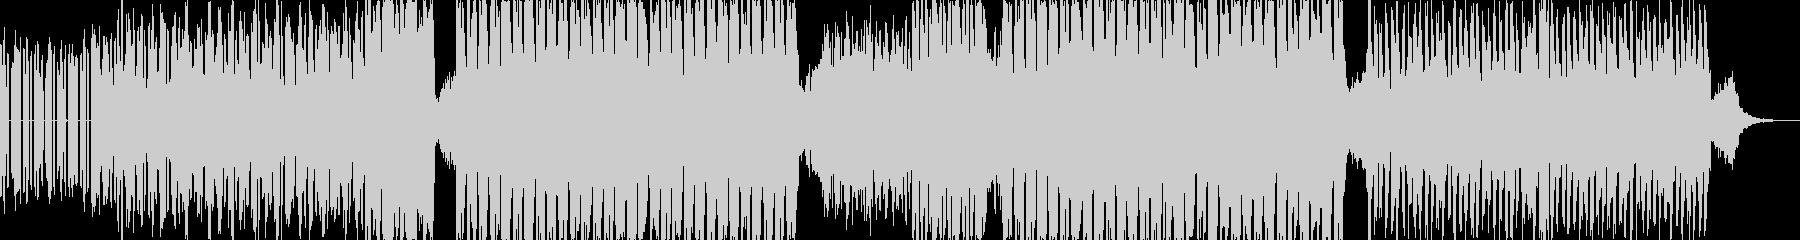 ベースの音が印象的で幻想的なテクノの未再生の波形